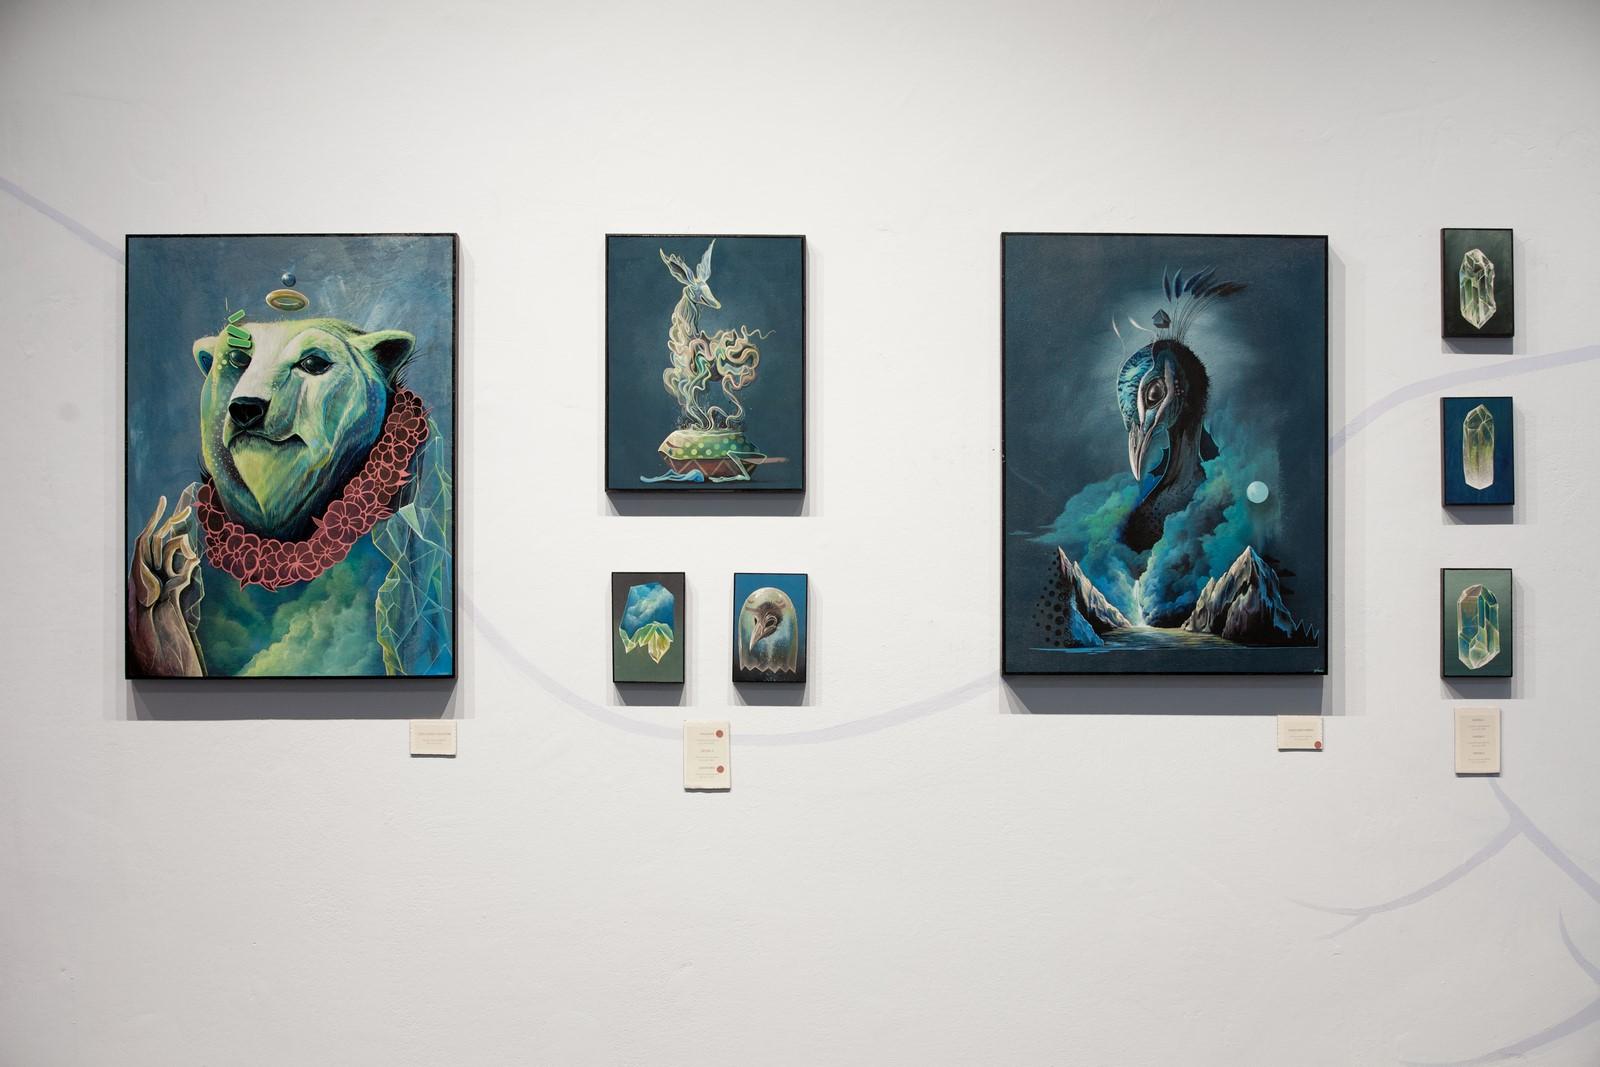 Ceres e INWARD: mostra di Nosego presso la Galleria Varsi di Roma